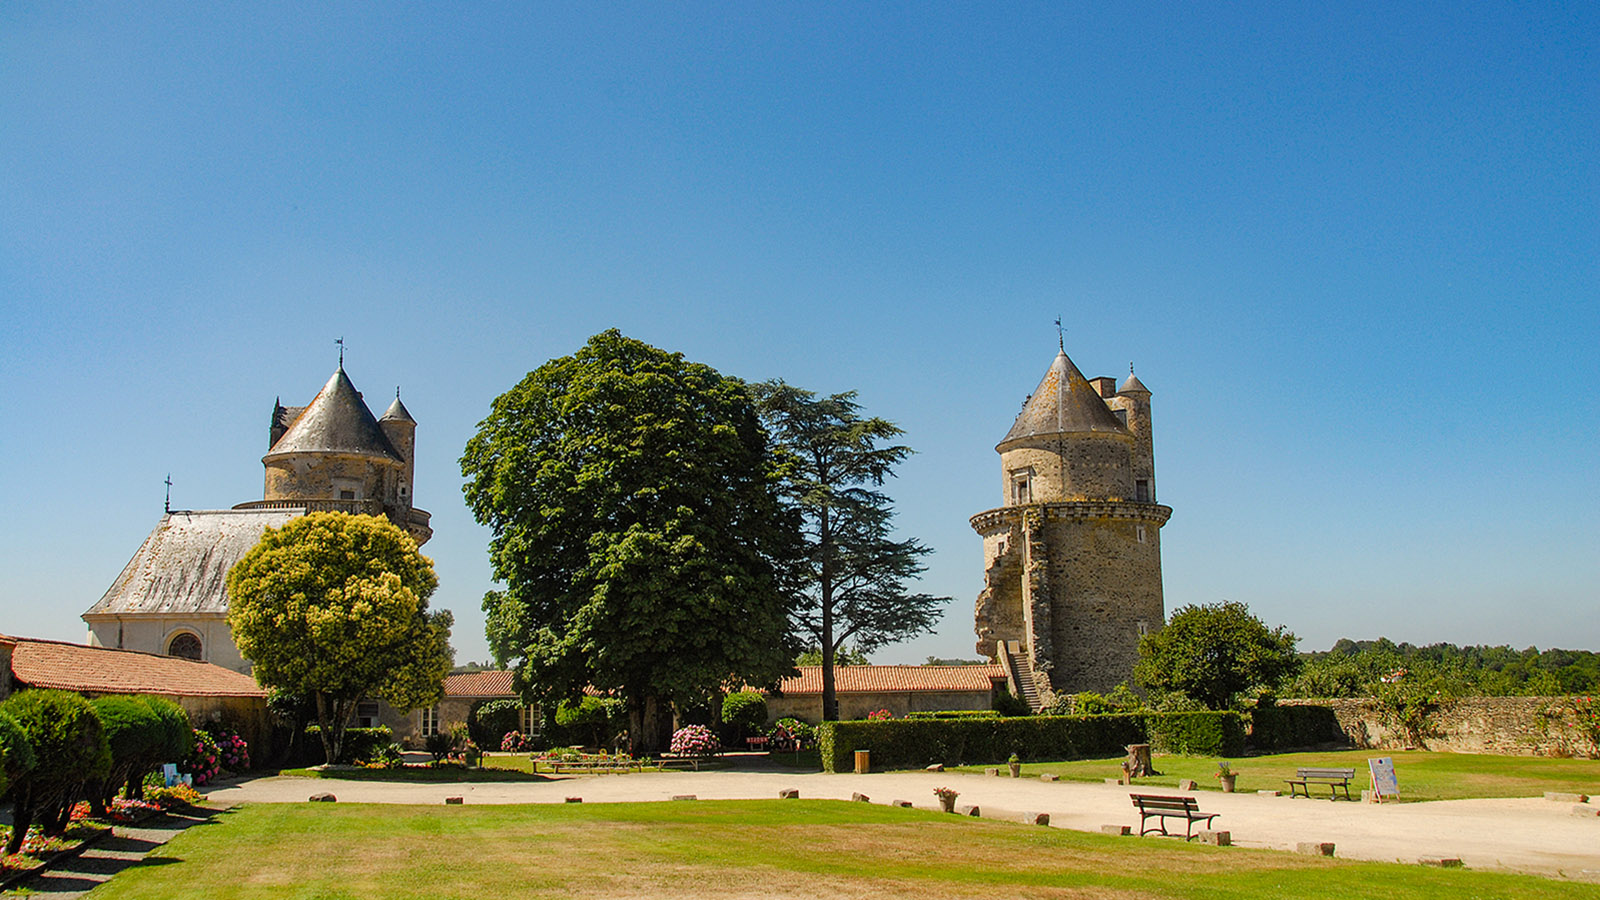 Das Schloss von Apremont ist heute eine Ruine. Foto: Hilke Maunder